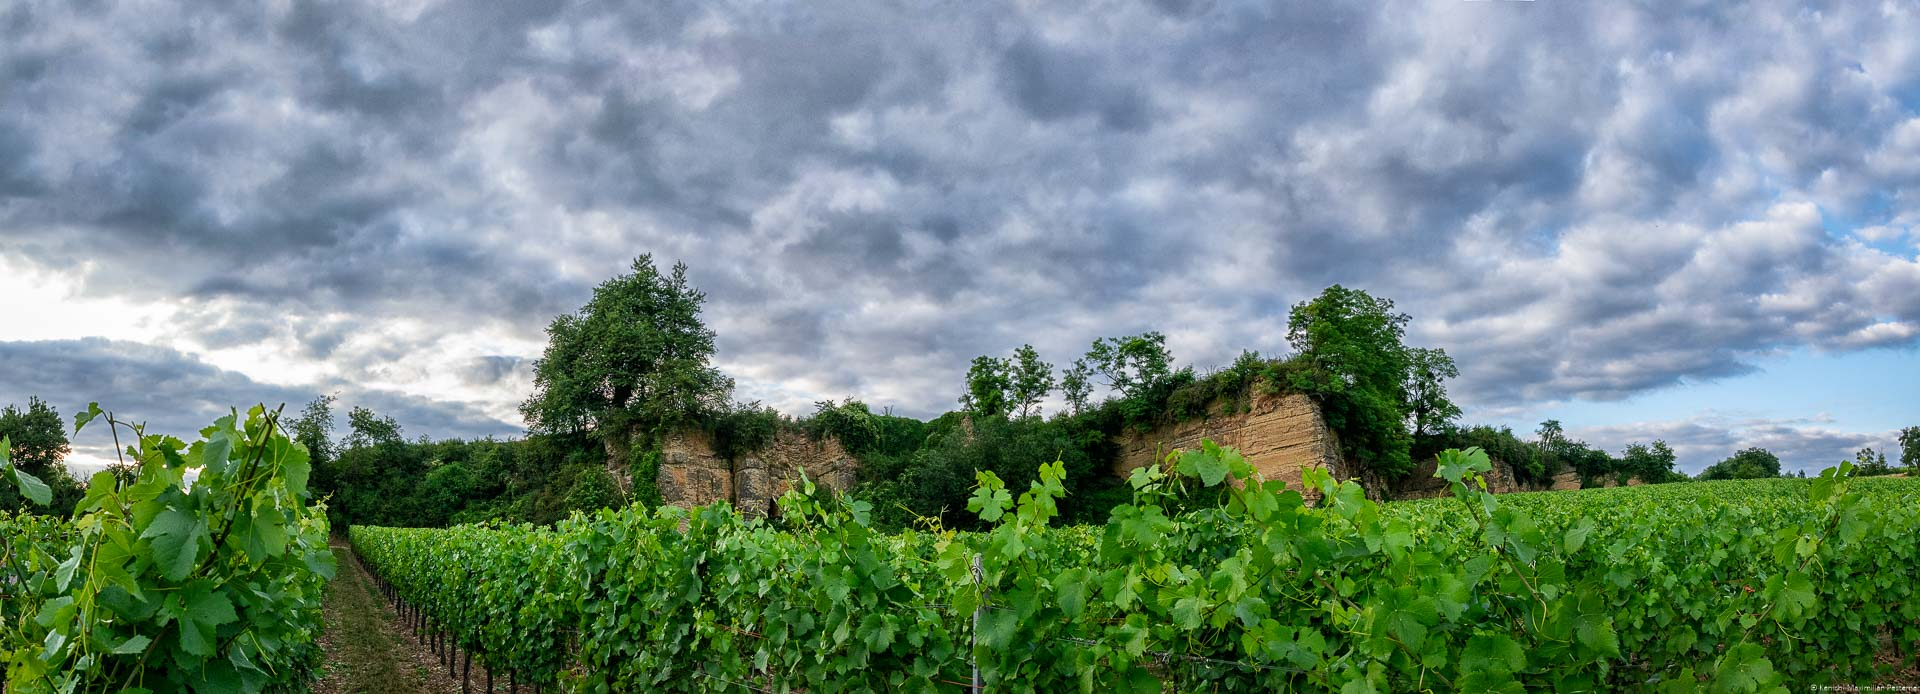 Weinberg mit Felsen aus Muschelkalk sowie bewölktem Himmel bei Sonnenuntergang